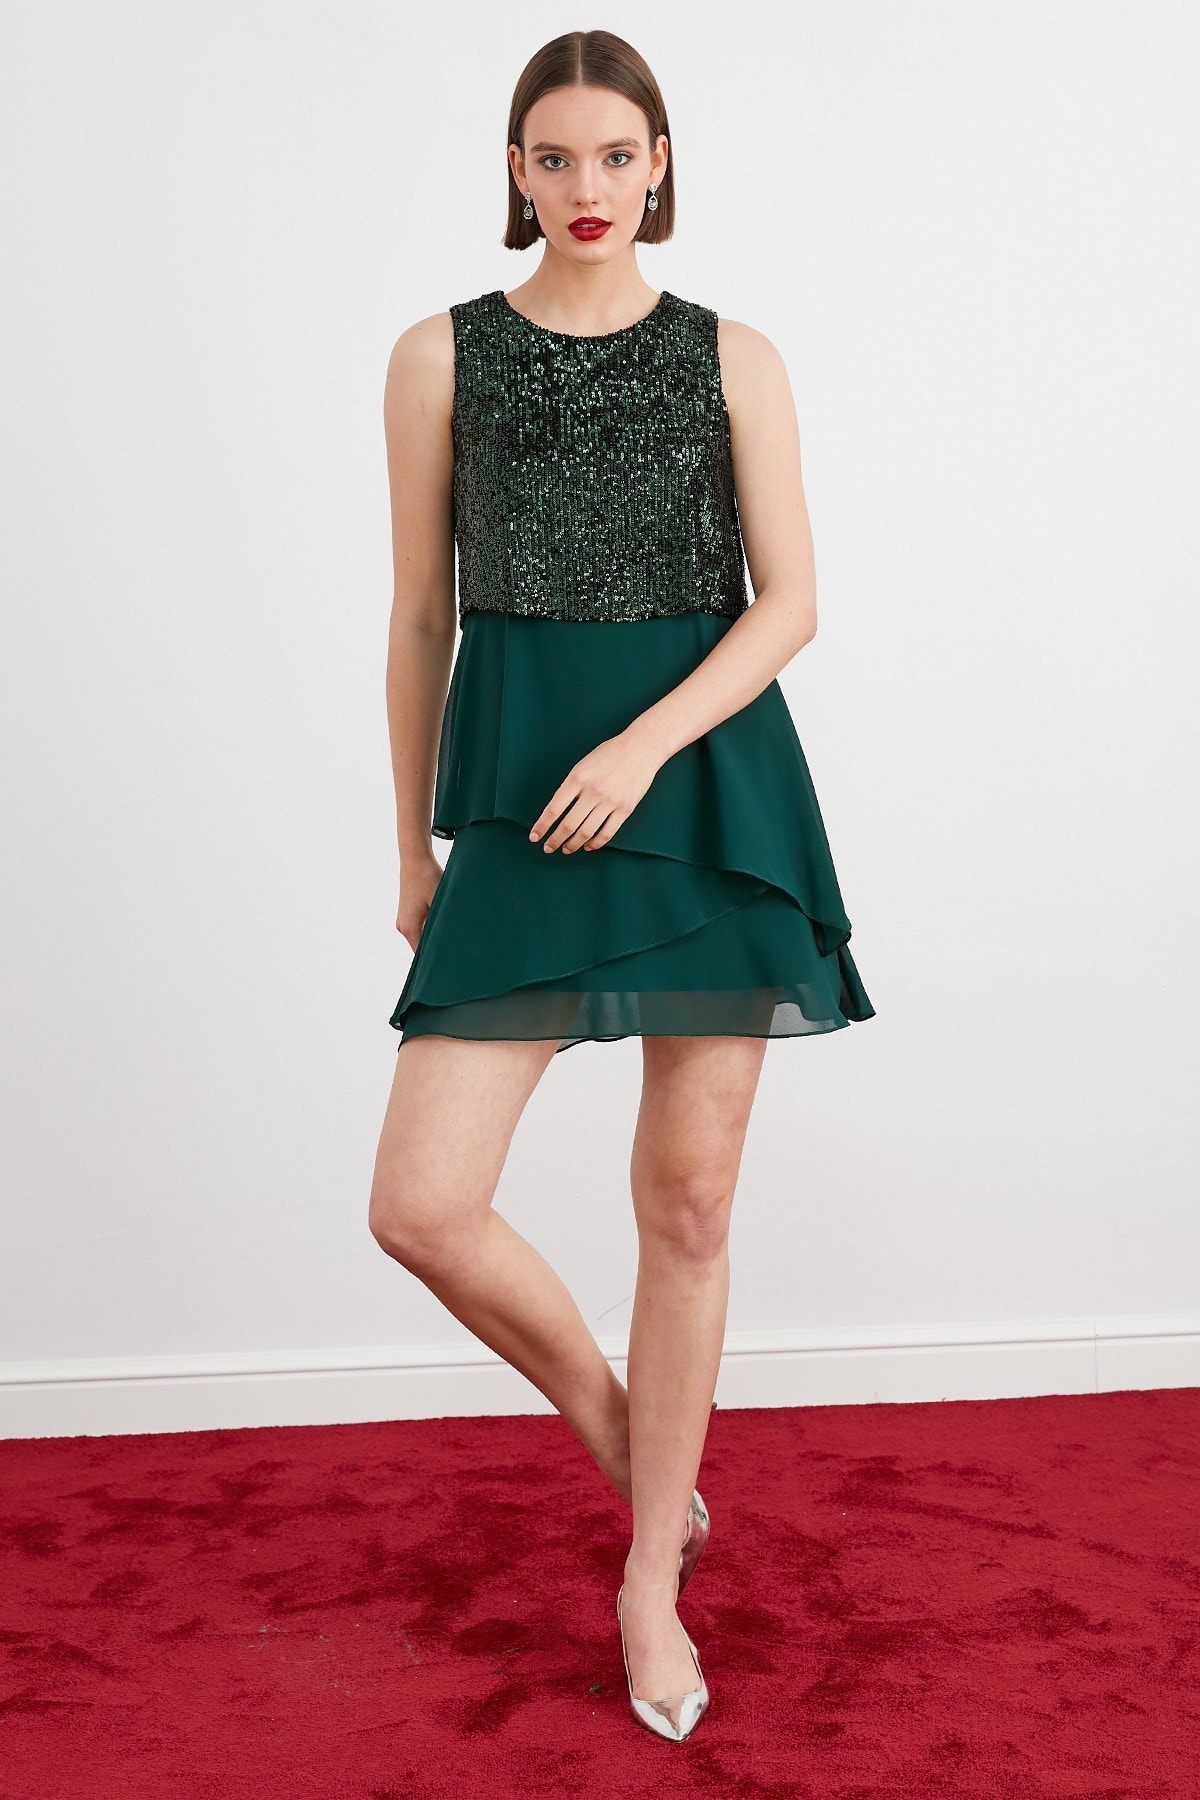 Journey Kadın Yeşil Üst Beden Payet Alt Beden Şifon Katlı Parçalı Kolsuz Abiye Elbise 19KELB078P